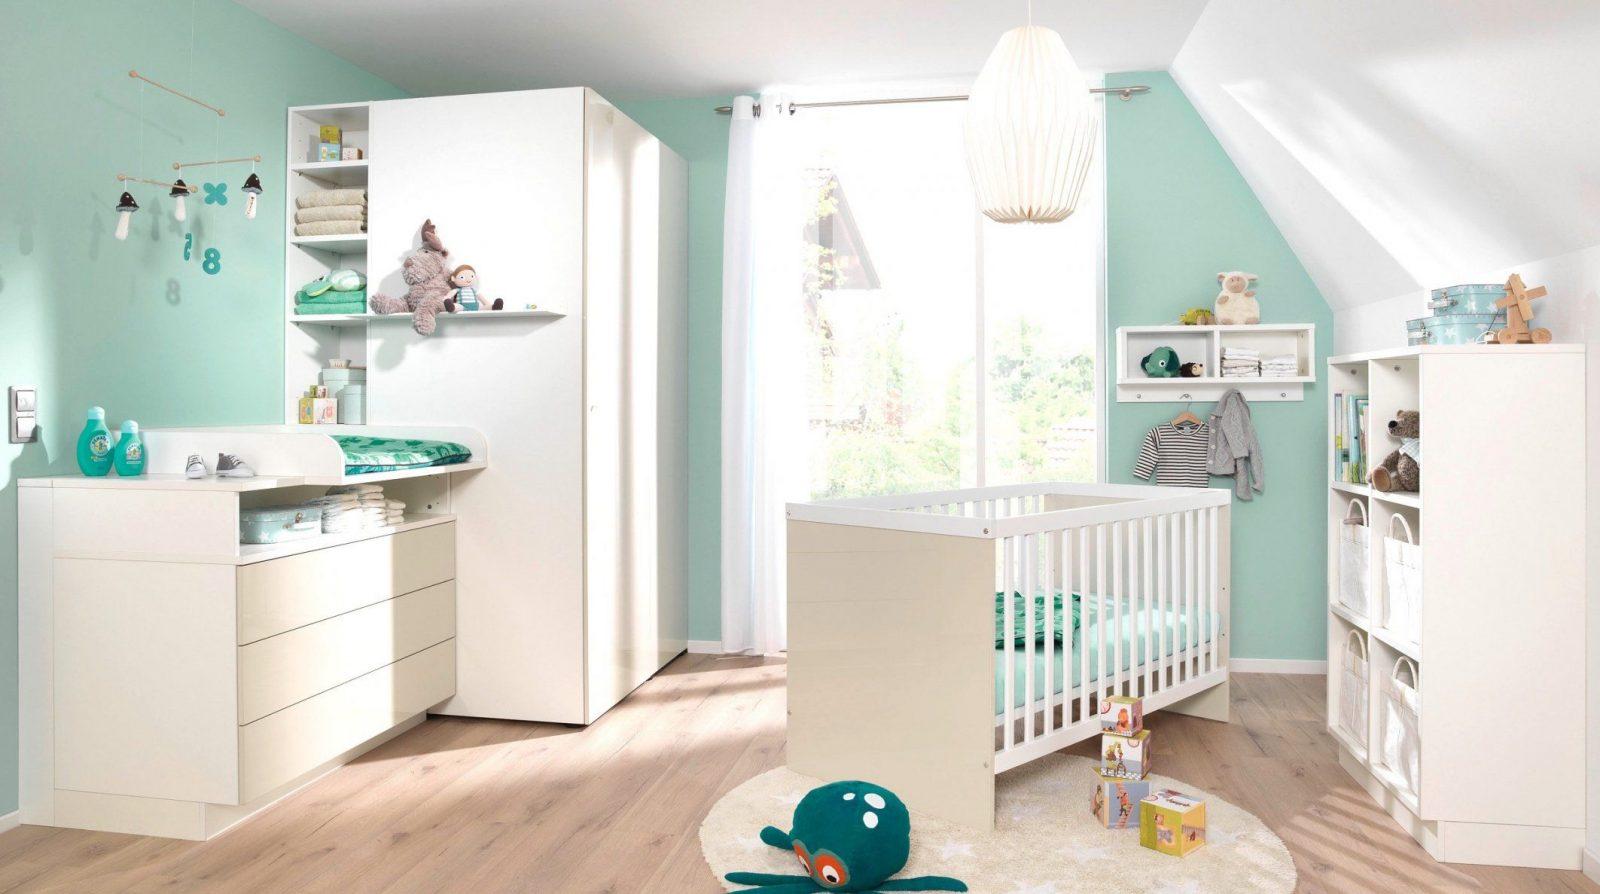 Wohnideen  Babyzimmer Junge Kleiner Raum Auch Frisch Brillant Ideen von Ideen Für Kinderzimmer Junge Bild